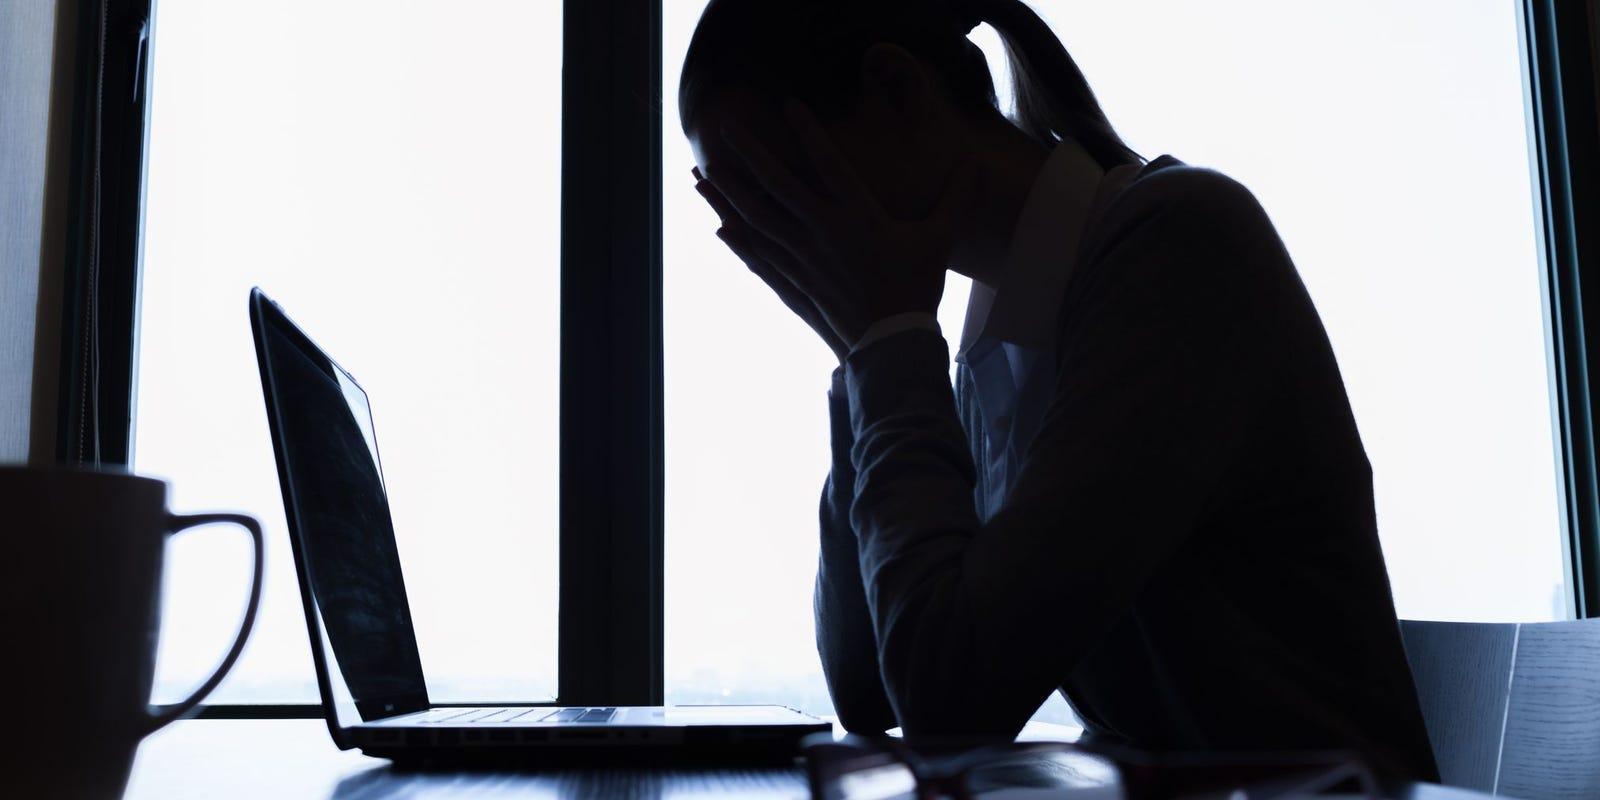 Anak Demam Tapi Mak Tak Boleh Cuti, Bos Kesal Bila Kena Batang Hidung Sendiri